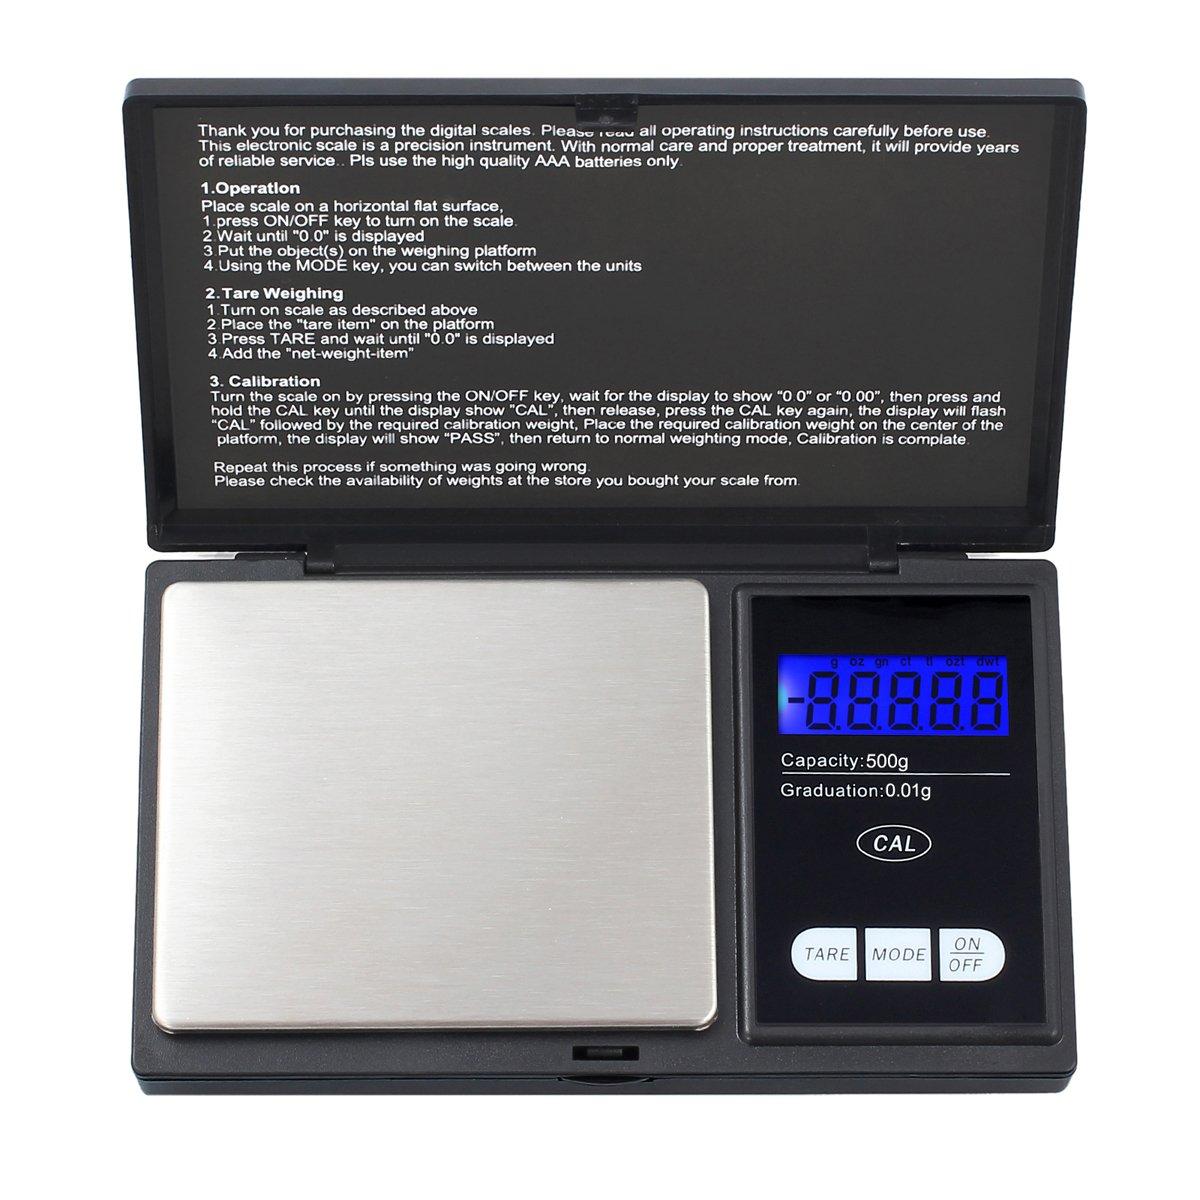 Mini Juwelierwaage Feinwaage Digital-Waage Taschenwaage Prä zisionwaage Goldwaage Justecheu HM297-de-J